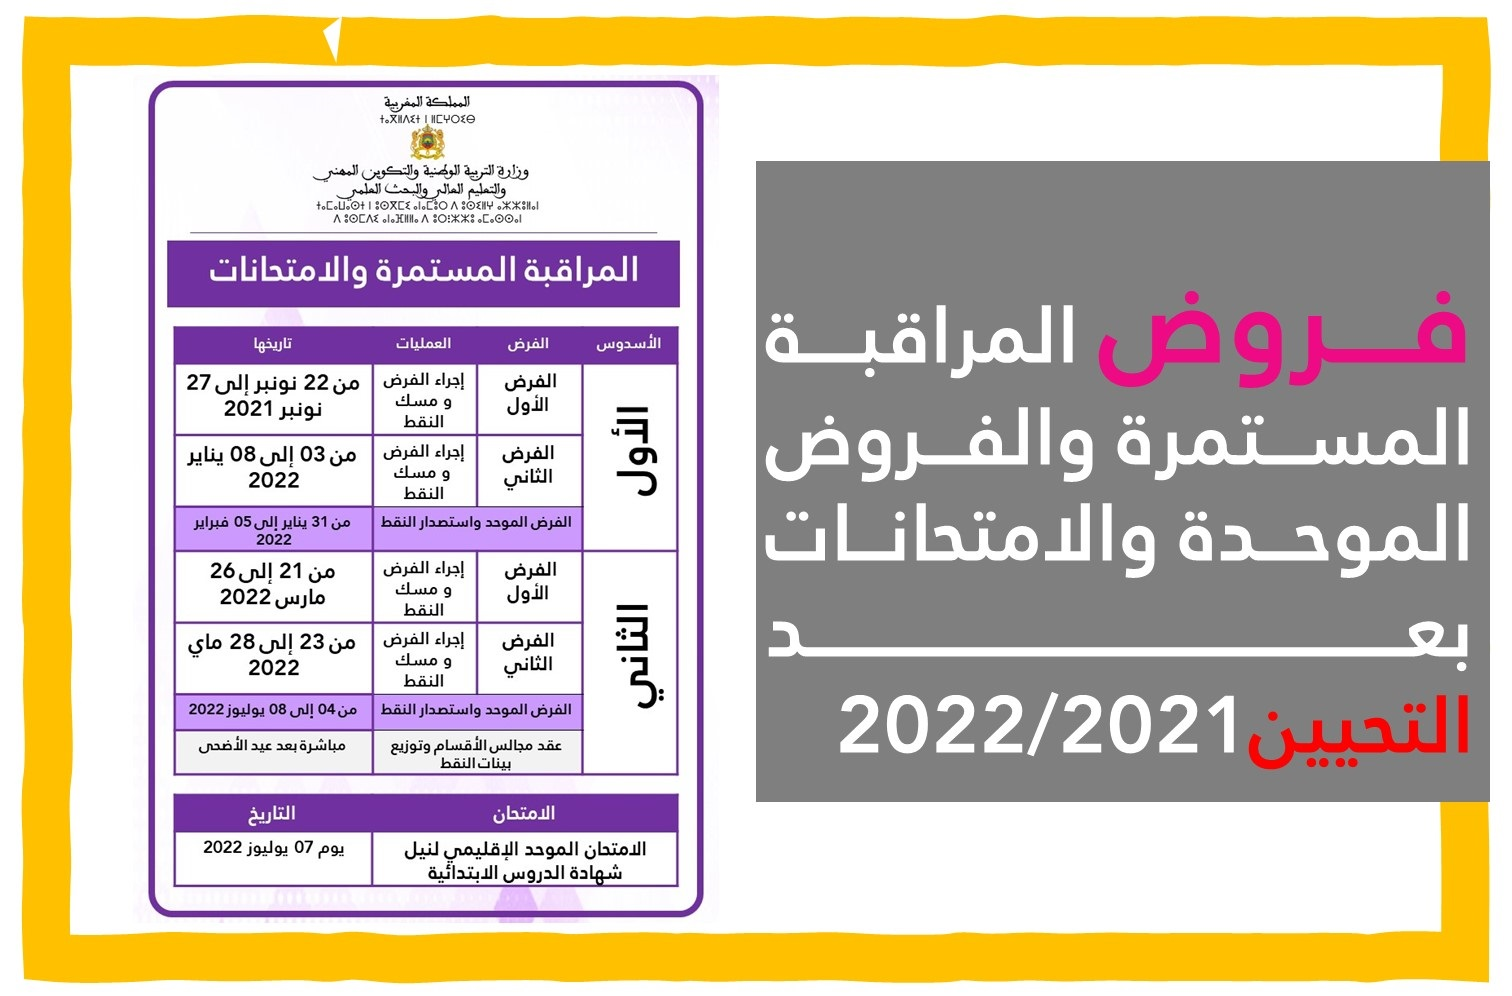 جدولة فروض المراقبة المستمرة والفروض الموحدة والامتحانات الإقليمية 2021/2022 بعد التحيي